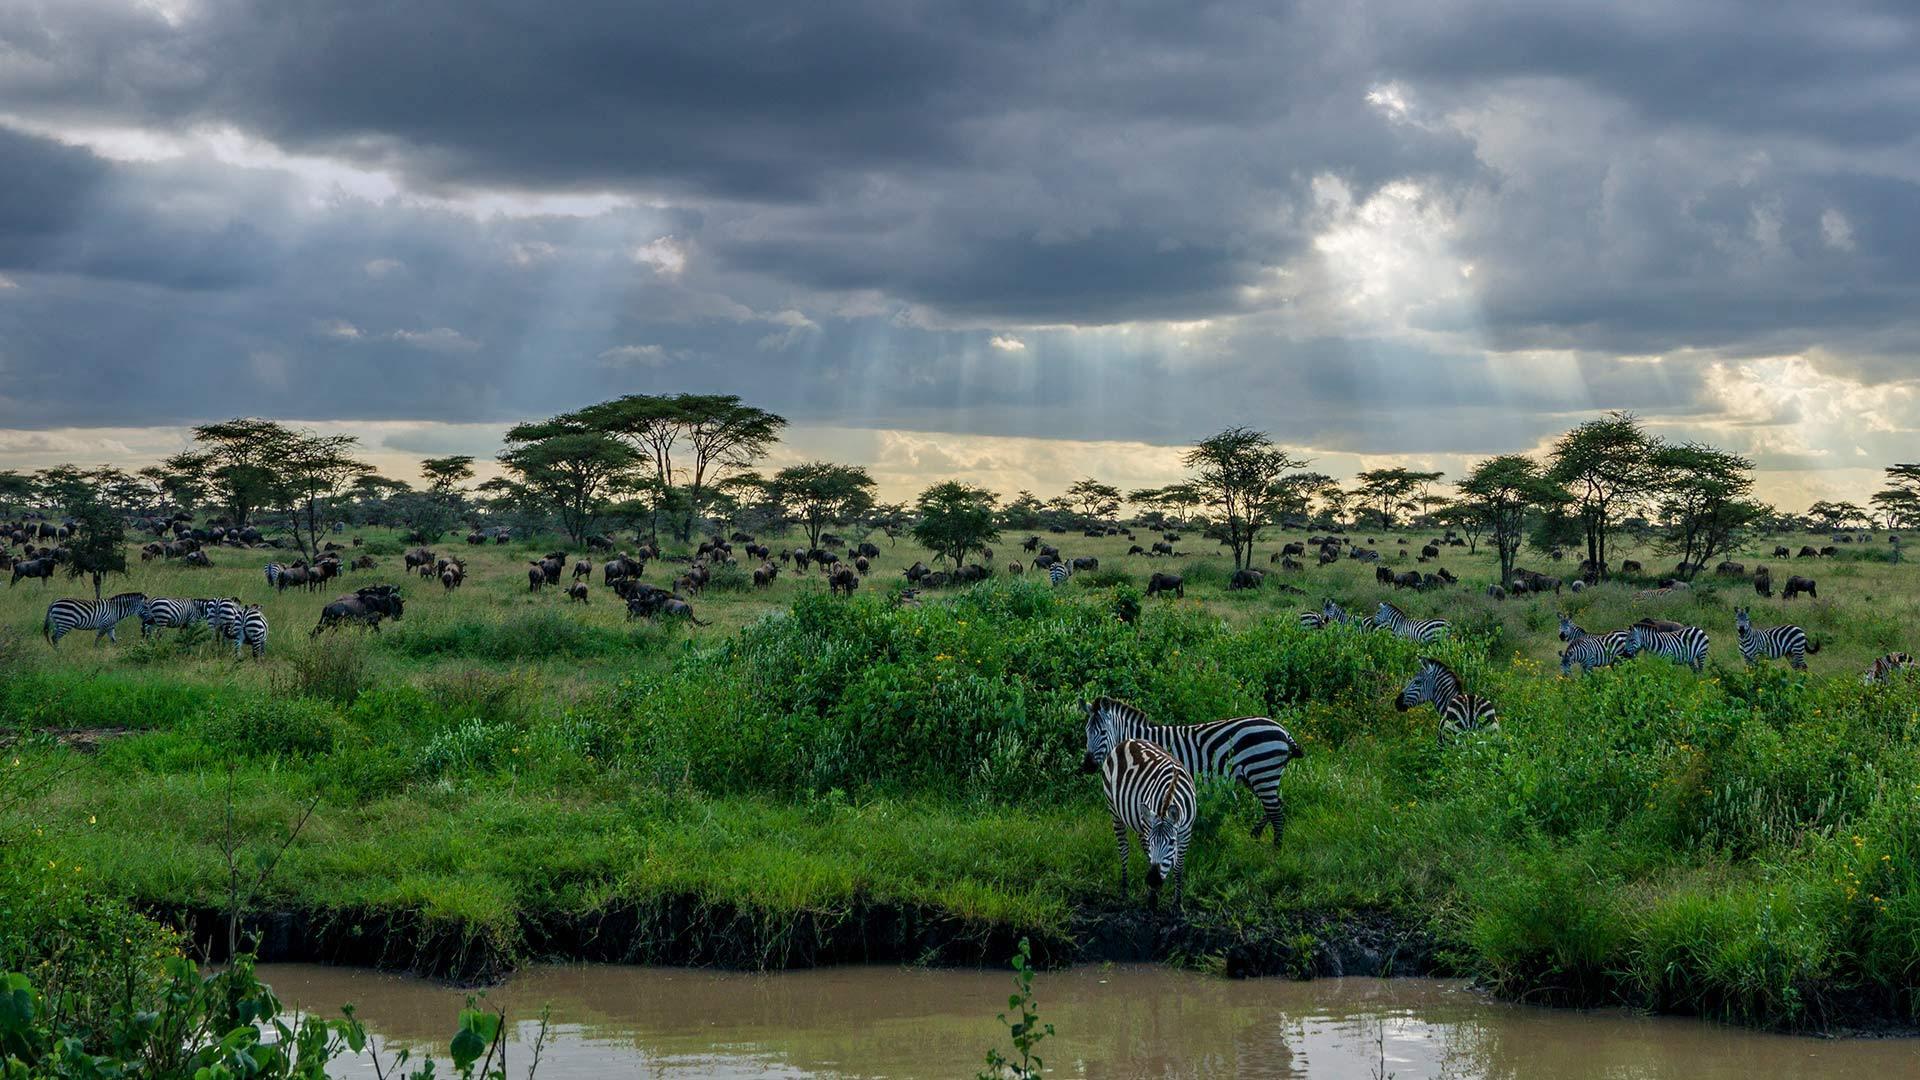 坦桑尼亚塞伦盖蒂国家公园的斑马和角马斑马和角马